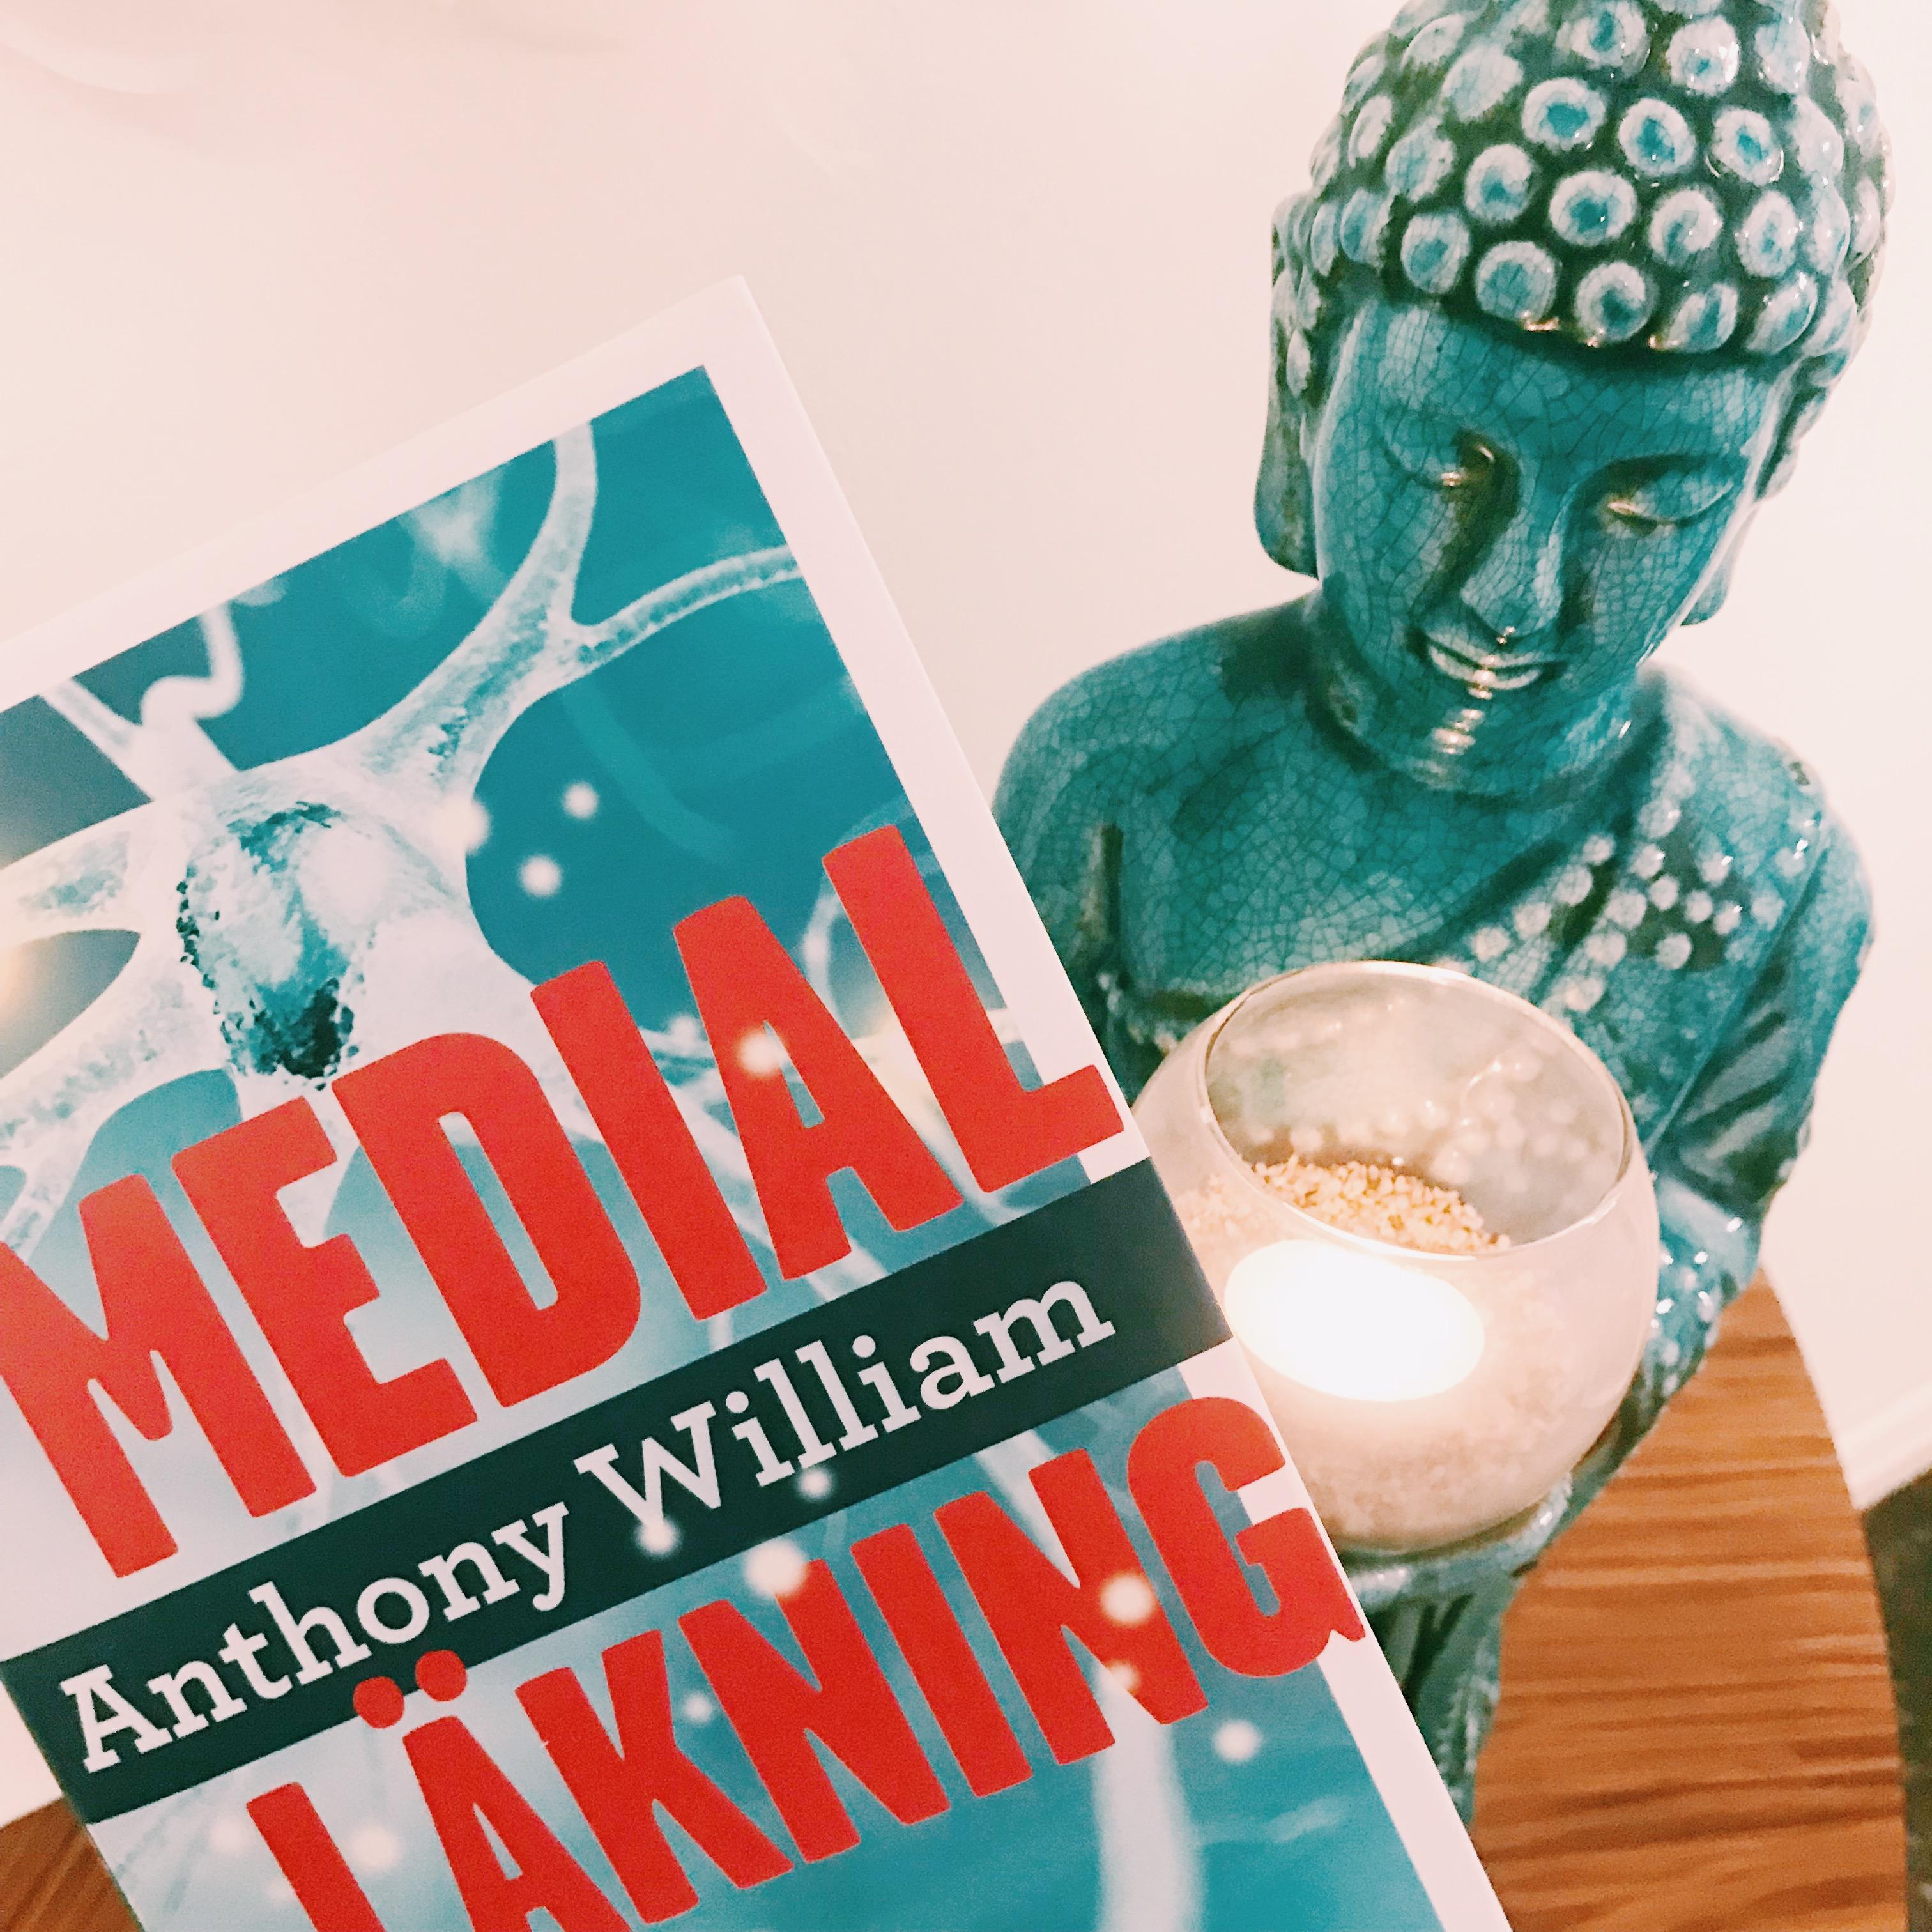 medial läkning - medical medium - anthony william